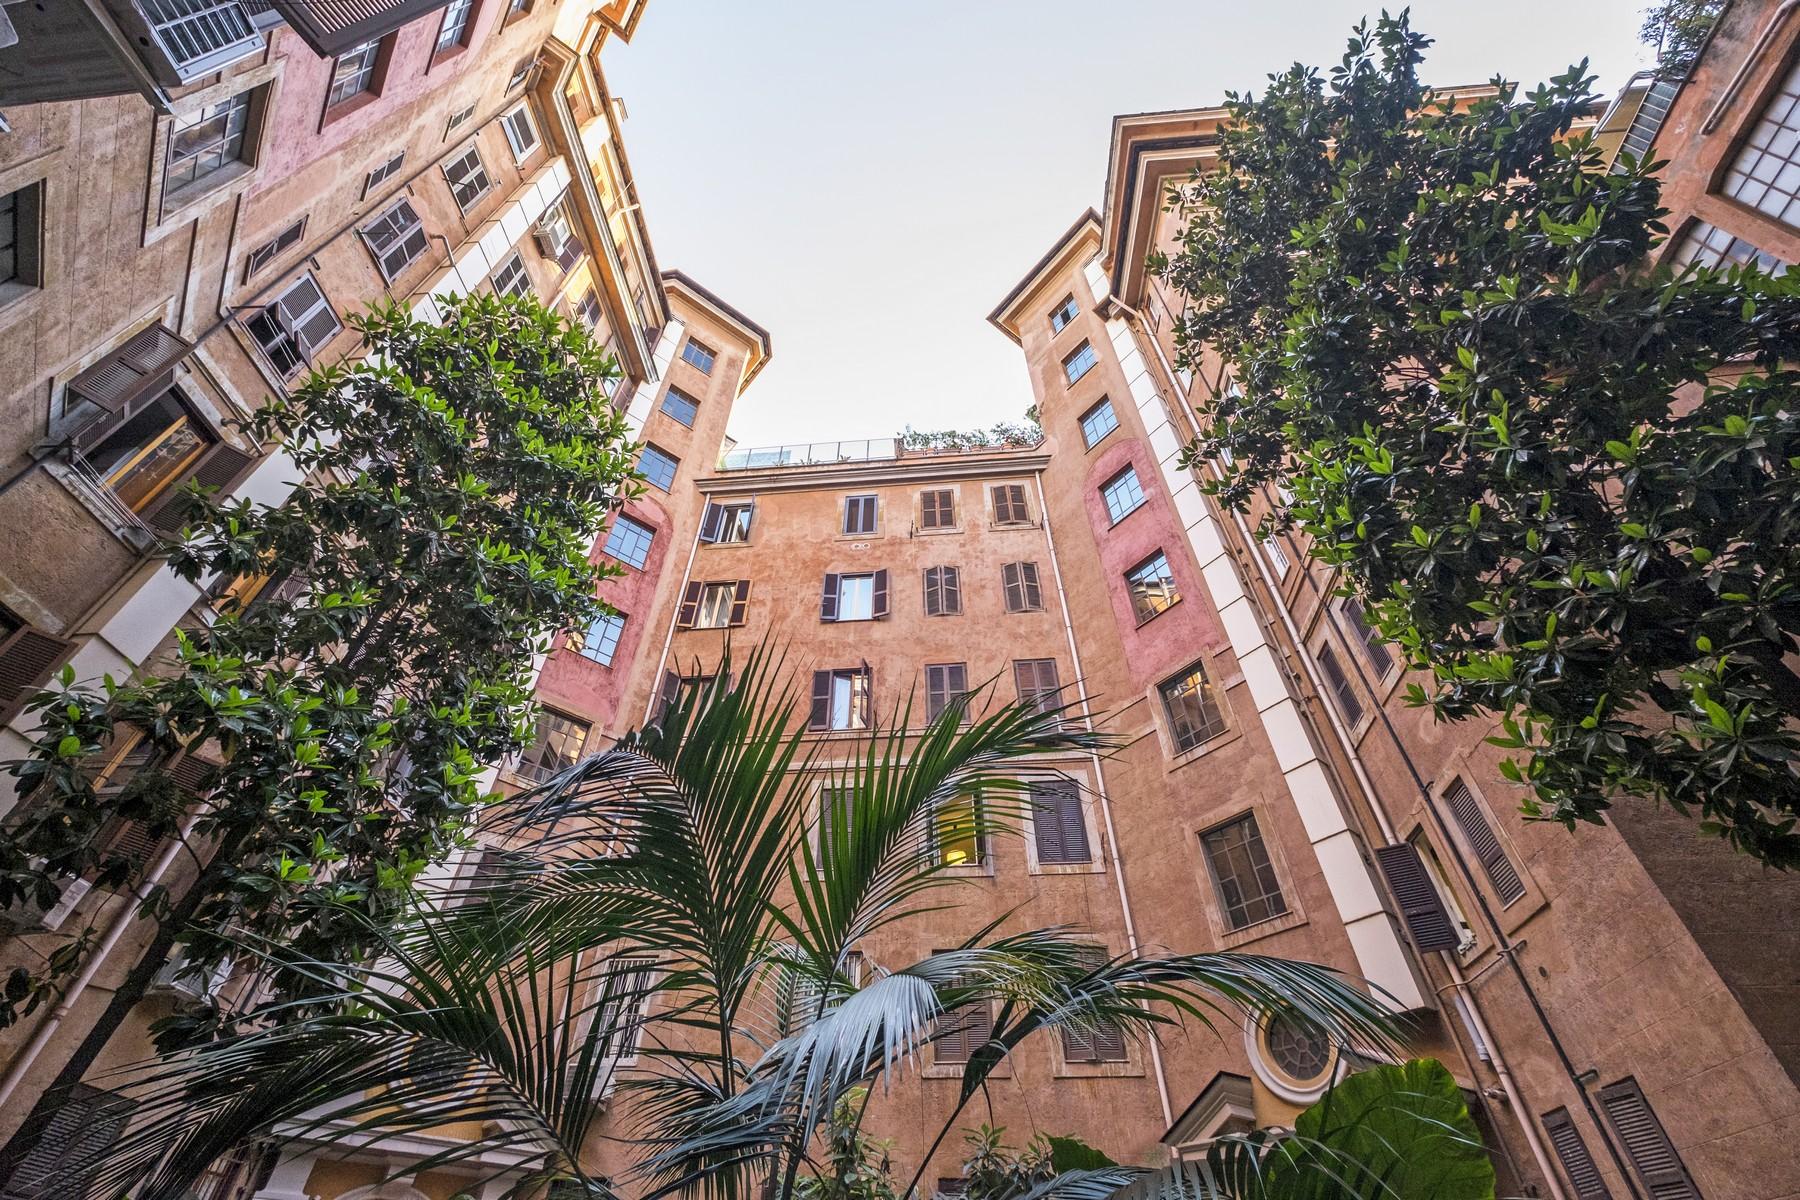 Appartamento in Vendita a Roma via viale eritrea